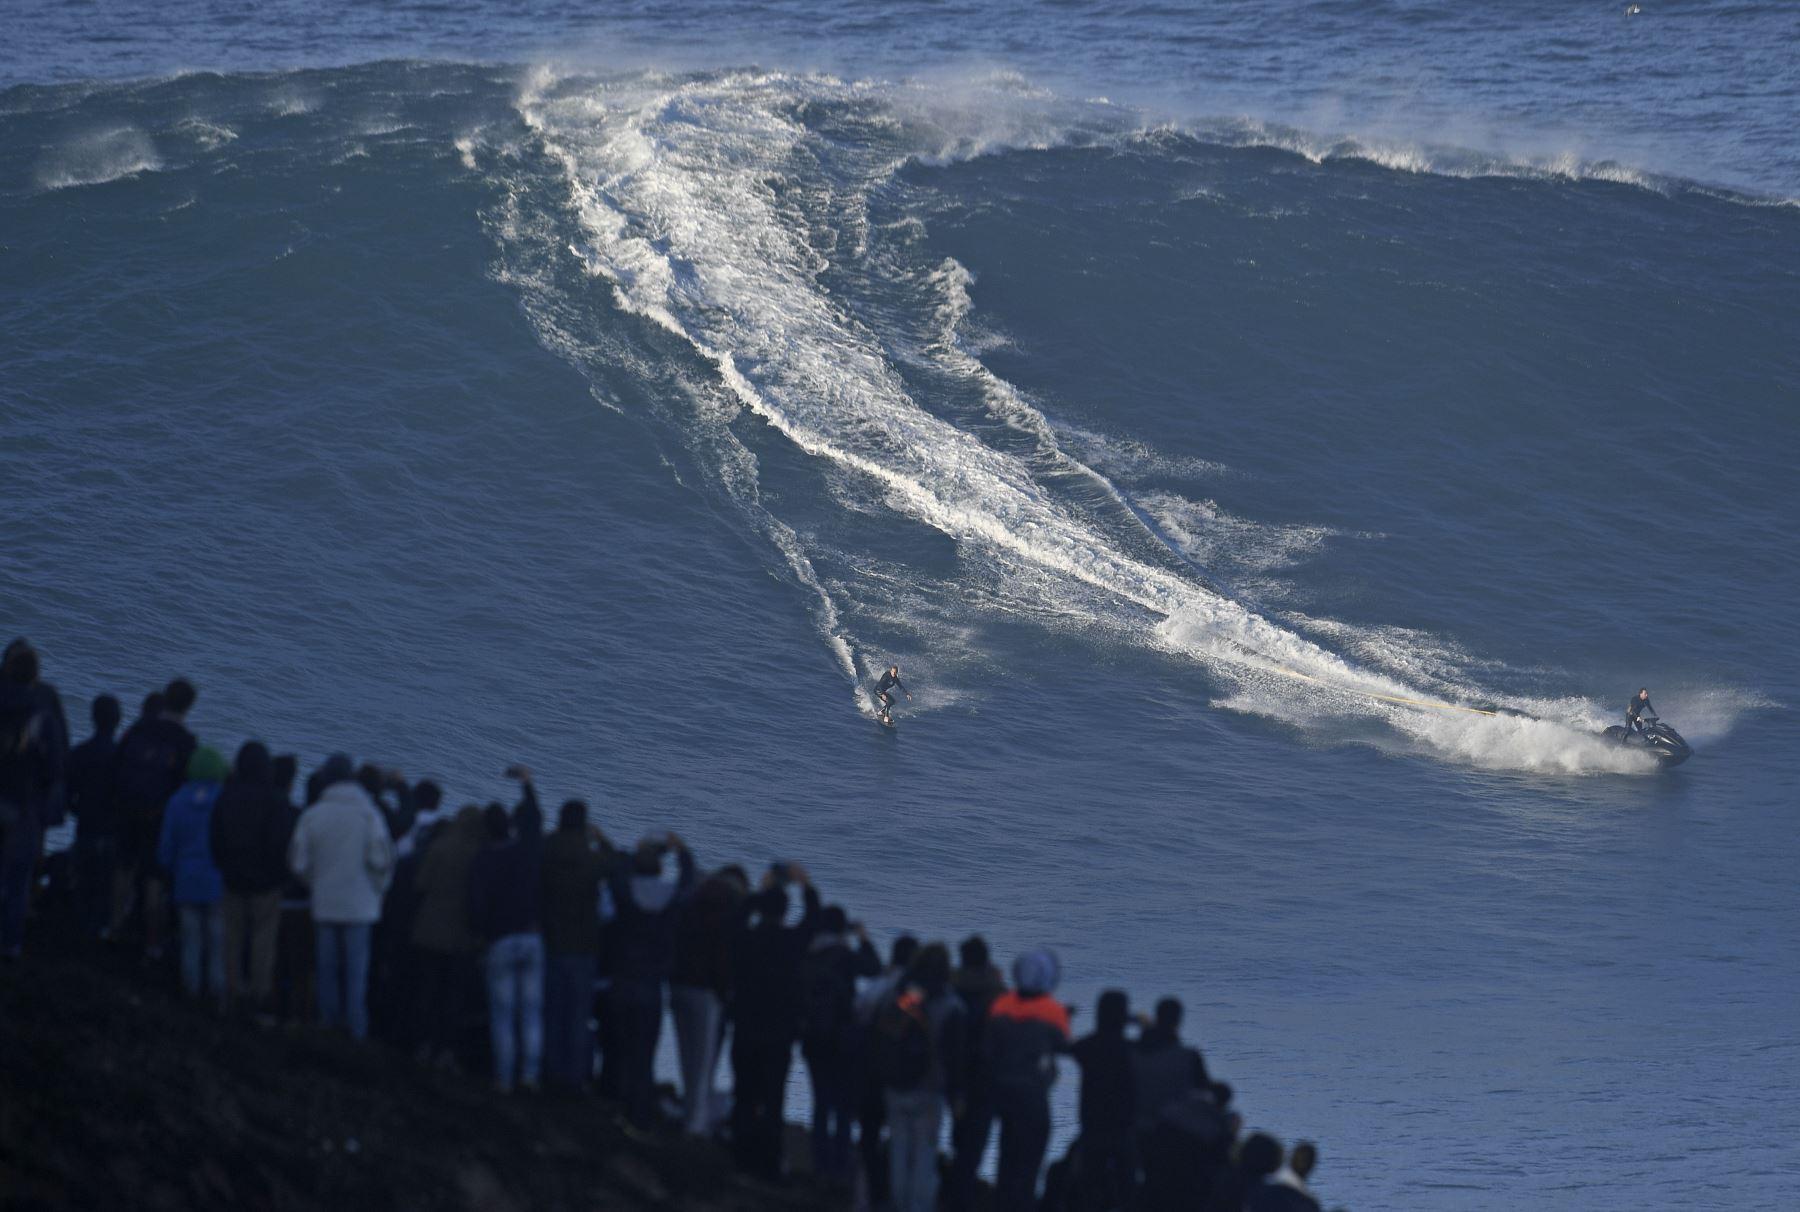 Cada año en Nazaré, localidad situada unos 100 km al norte de Lisboa, en su costa se producen las olas más grandes del mundo. Foto: AFP